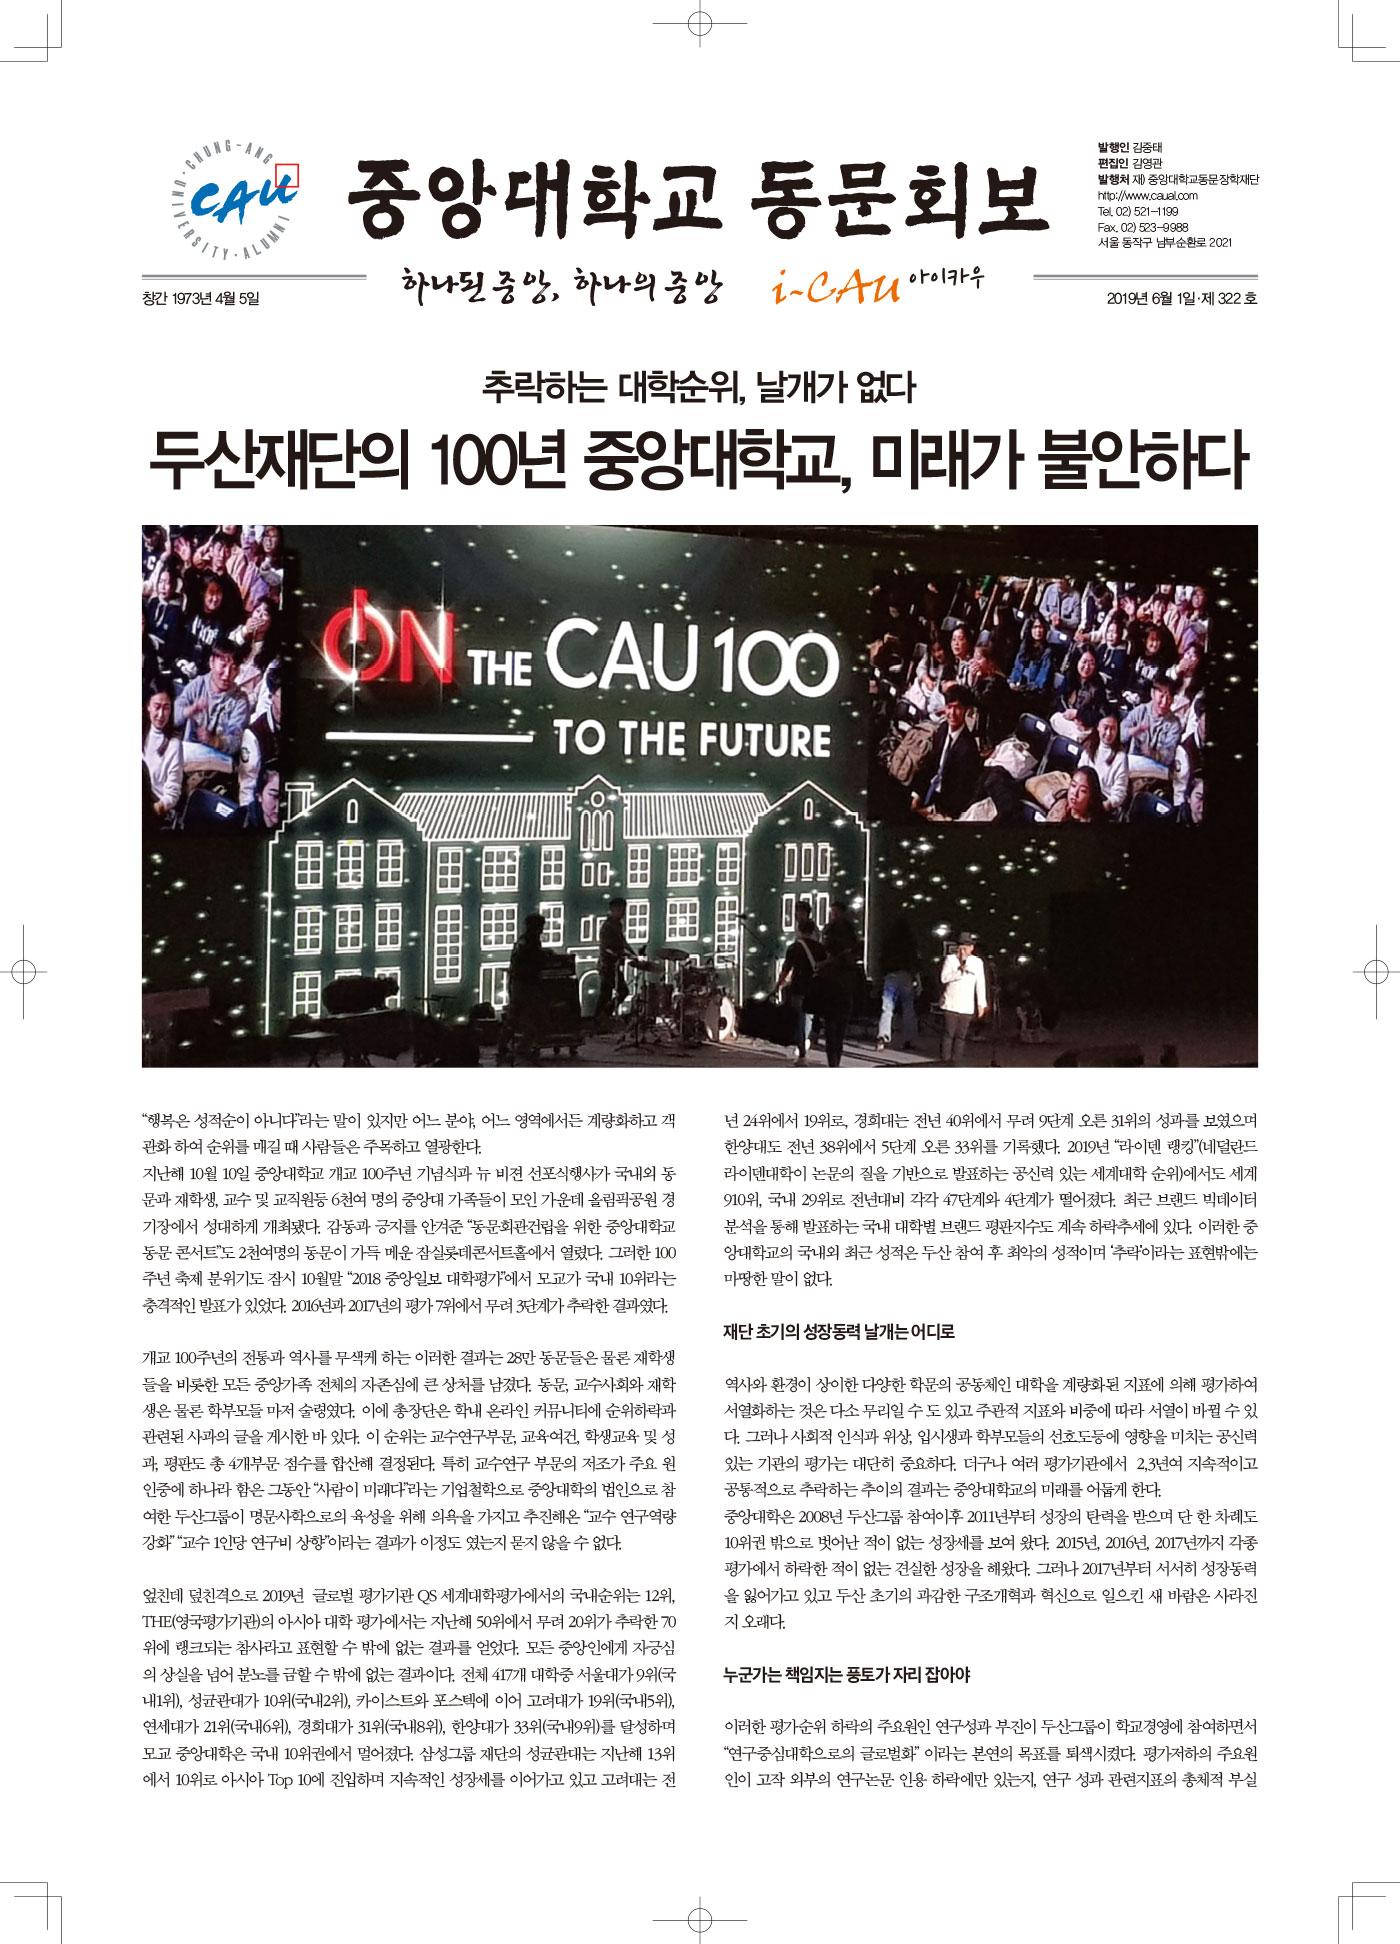 중앙대학교_동문회보190604-인쇄최종1-(1)-1.jpg